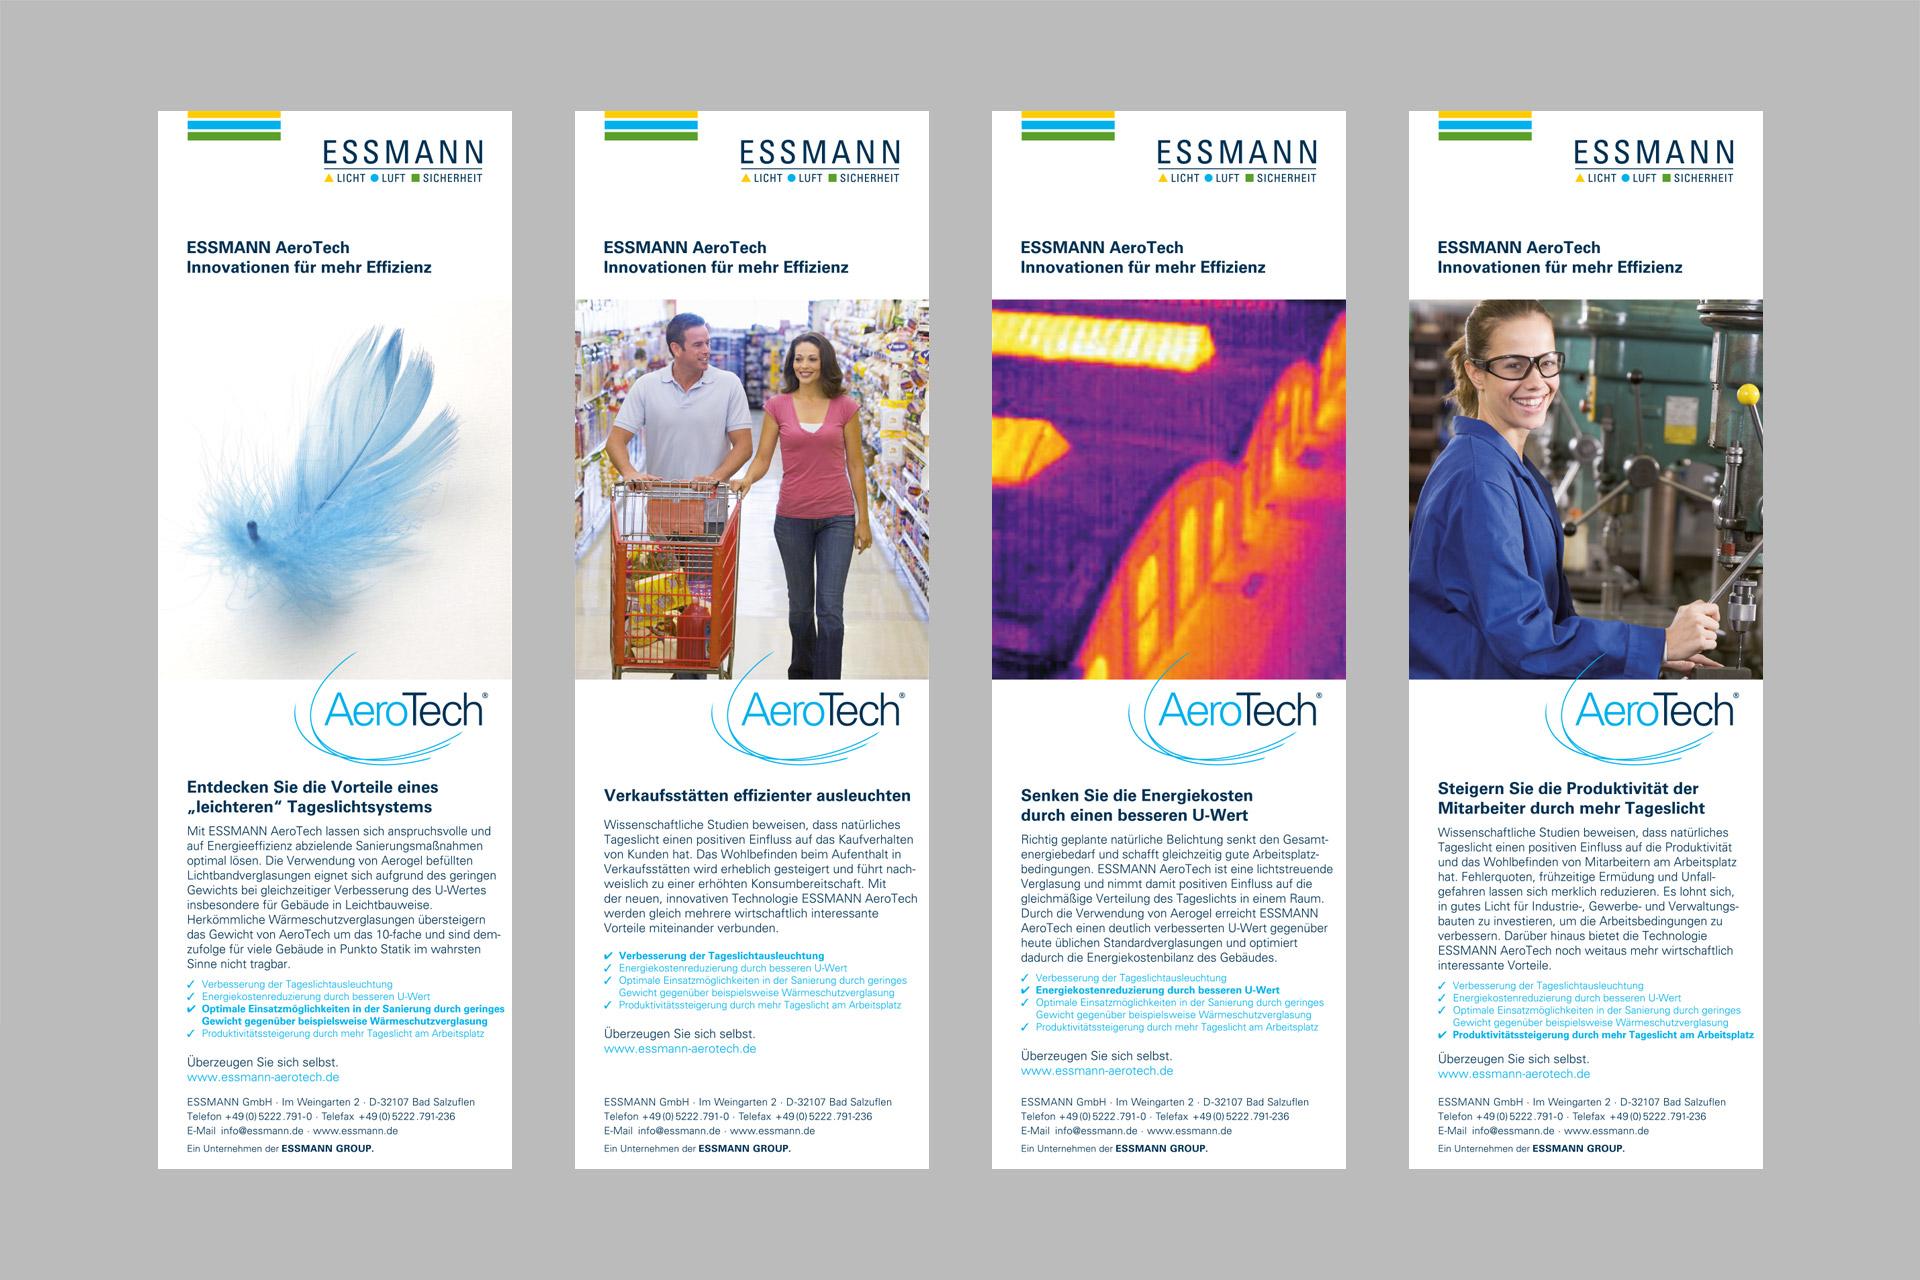 Corporate Design für Essmann, Beispiel Anzeigendesign